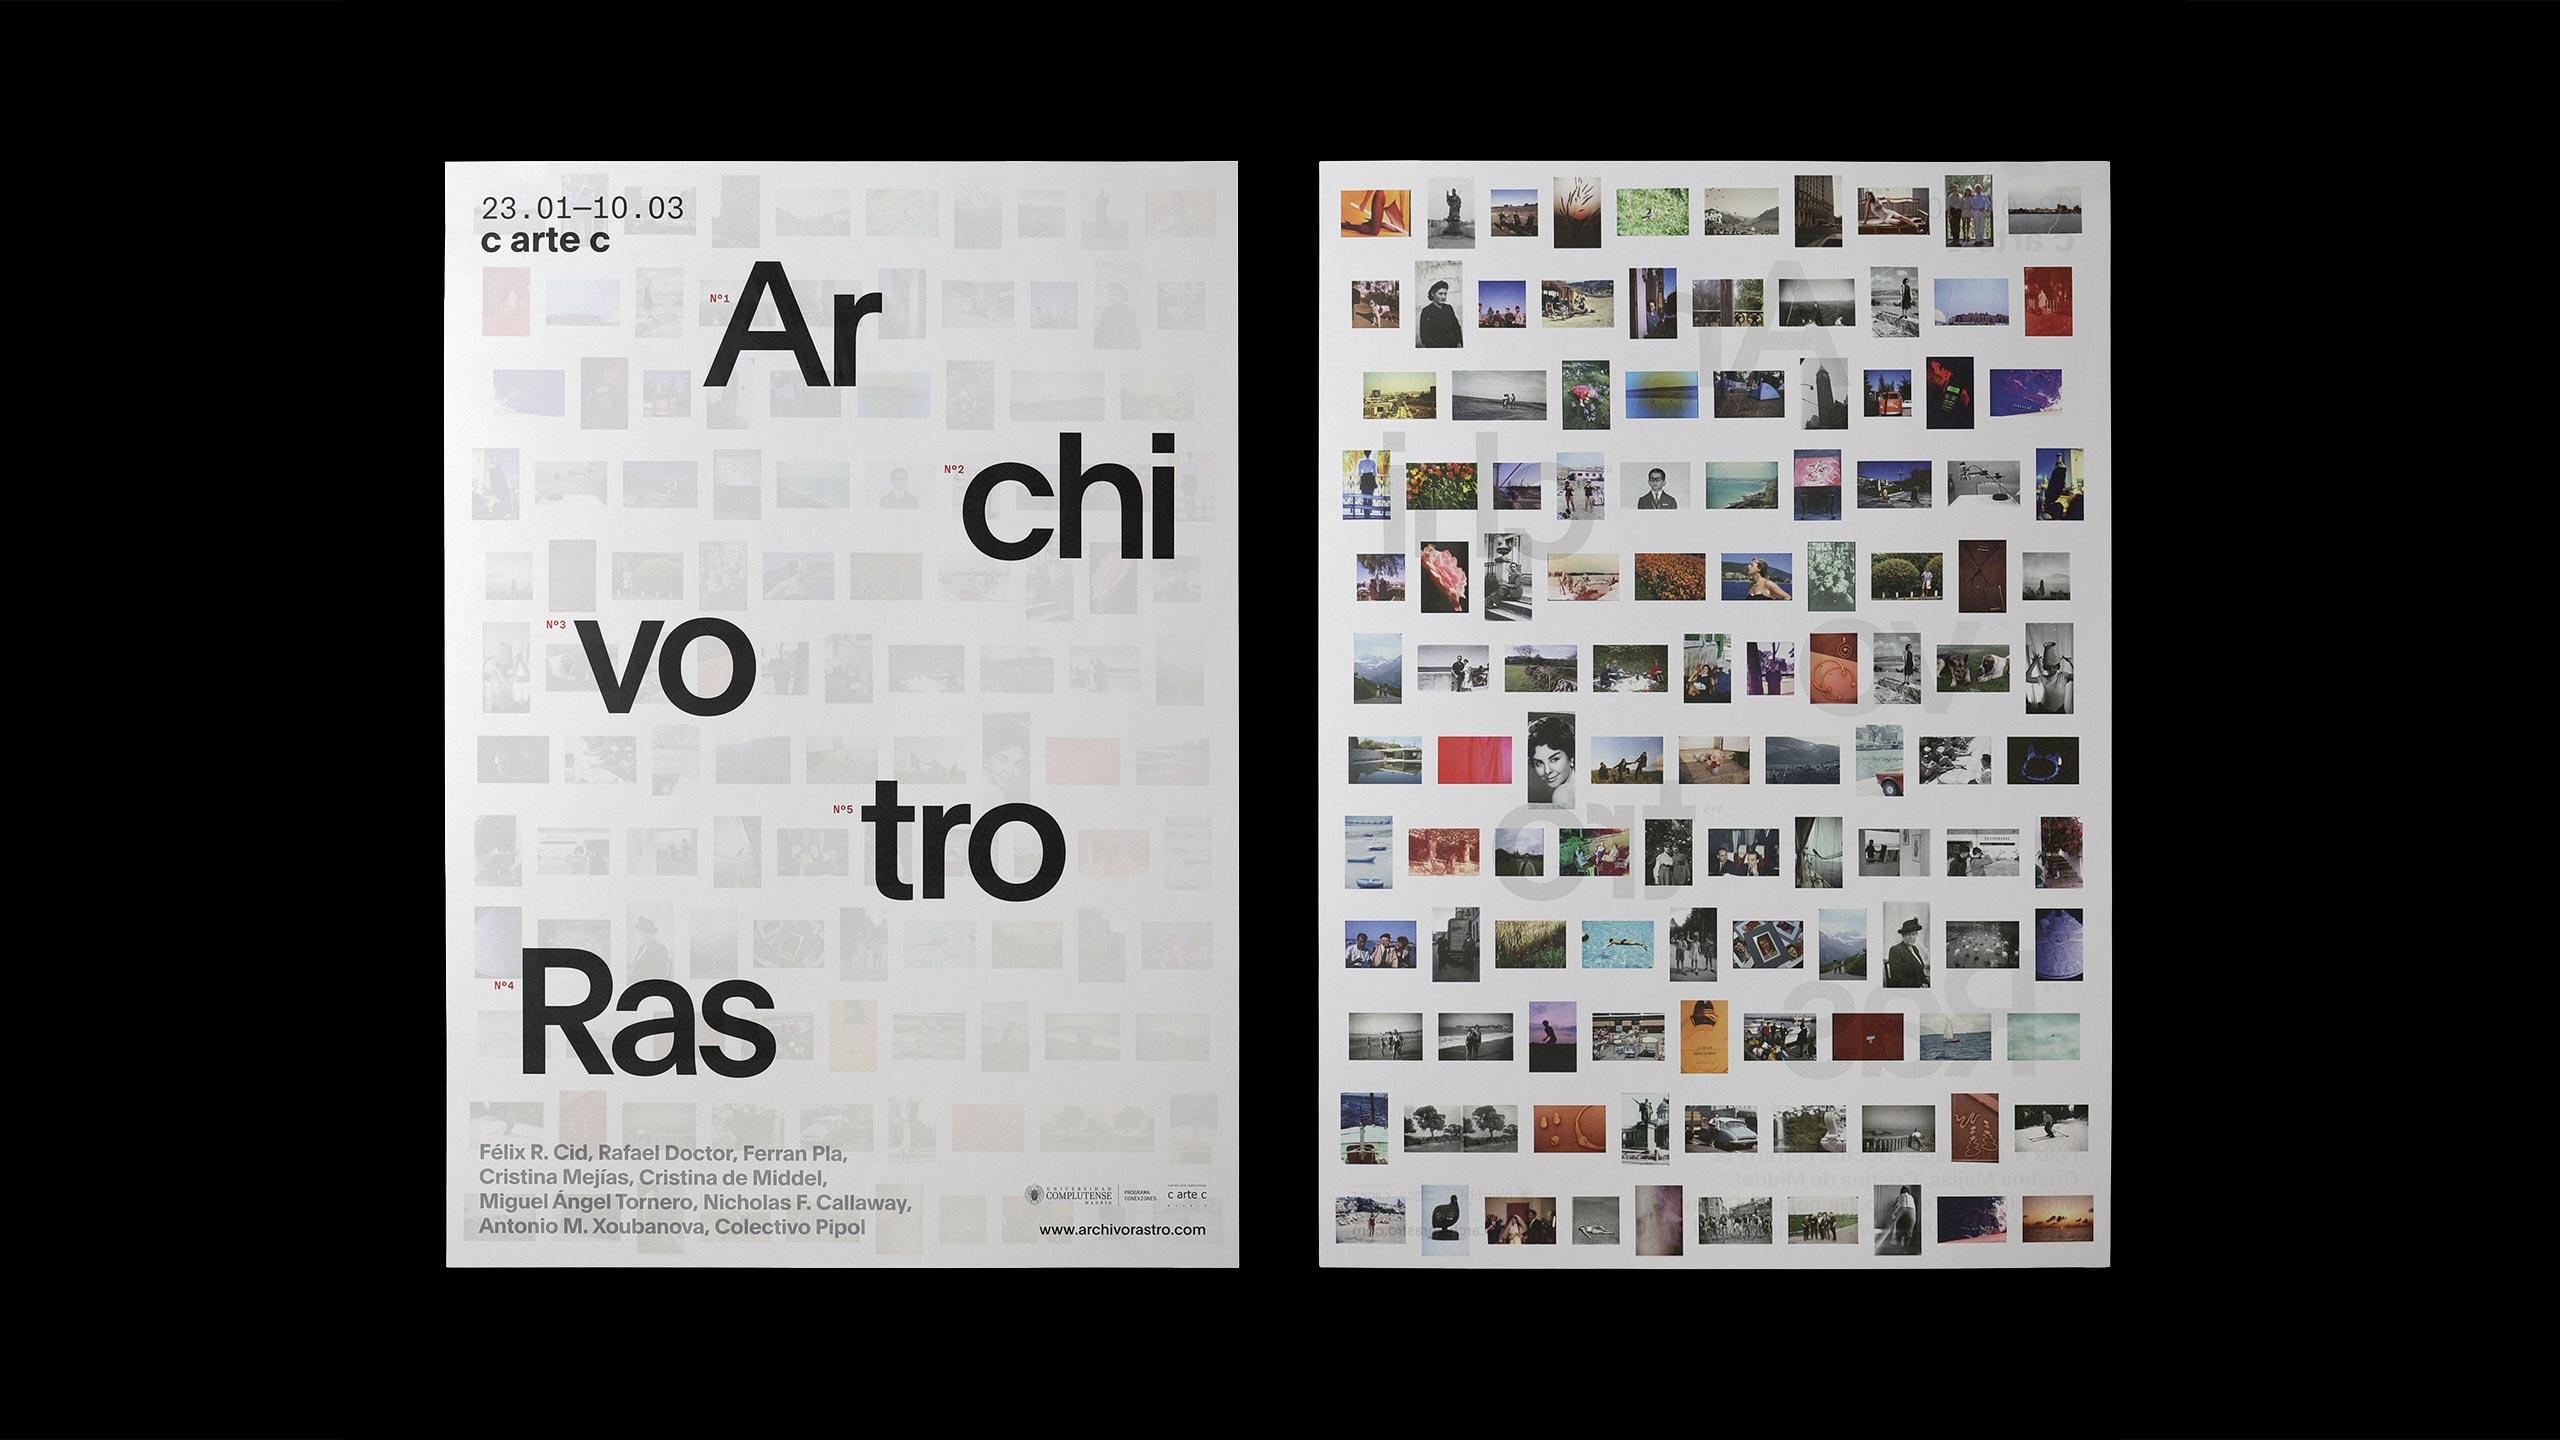 Fase, estudio de diseño gráfico. Identidad exposición de arte Archivo Rastro. Cartel - poster..